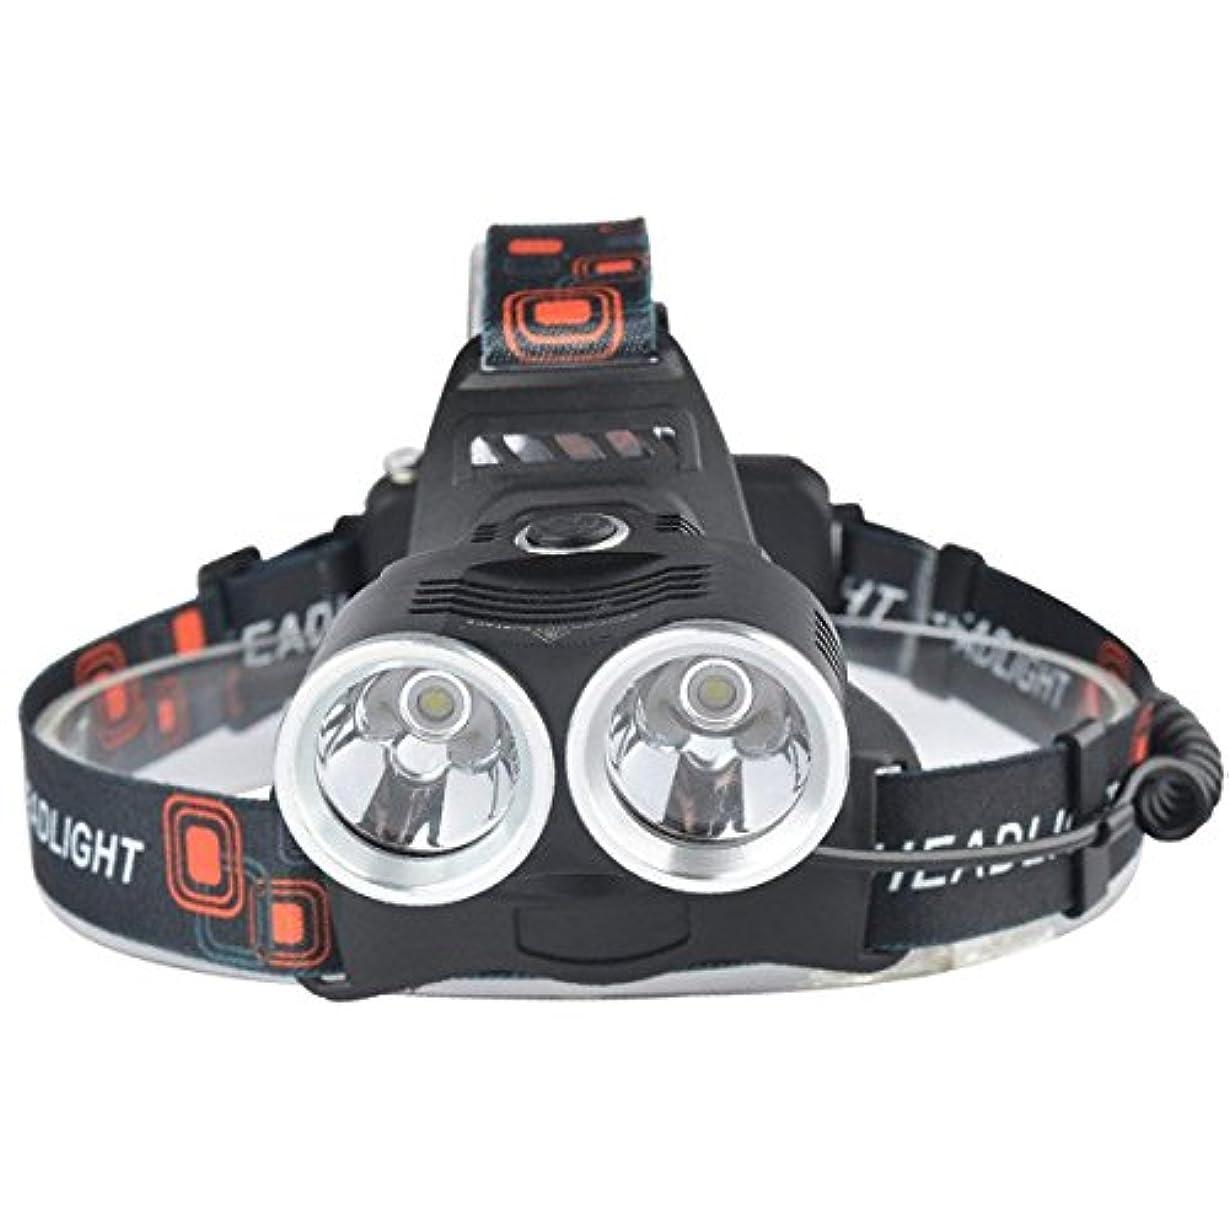 ケープ気絶させるに頼る1000ルーメン3モードt6 ledズーム可能な調整フォーカスヘッドライトヘッドランプ防水ライトトーチキャンプ用サイクリング作業狩猟釣り乗馬